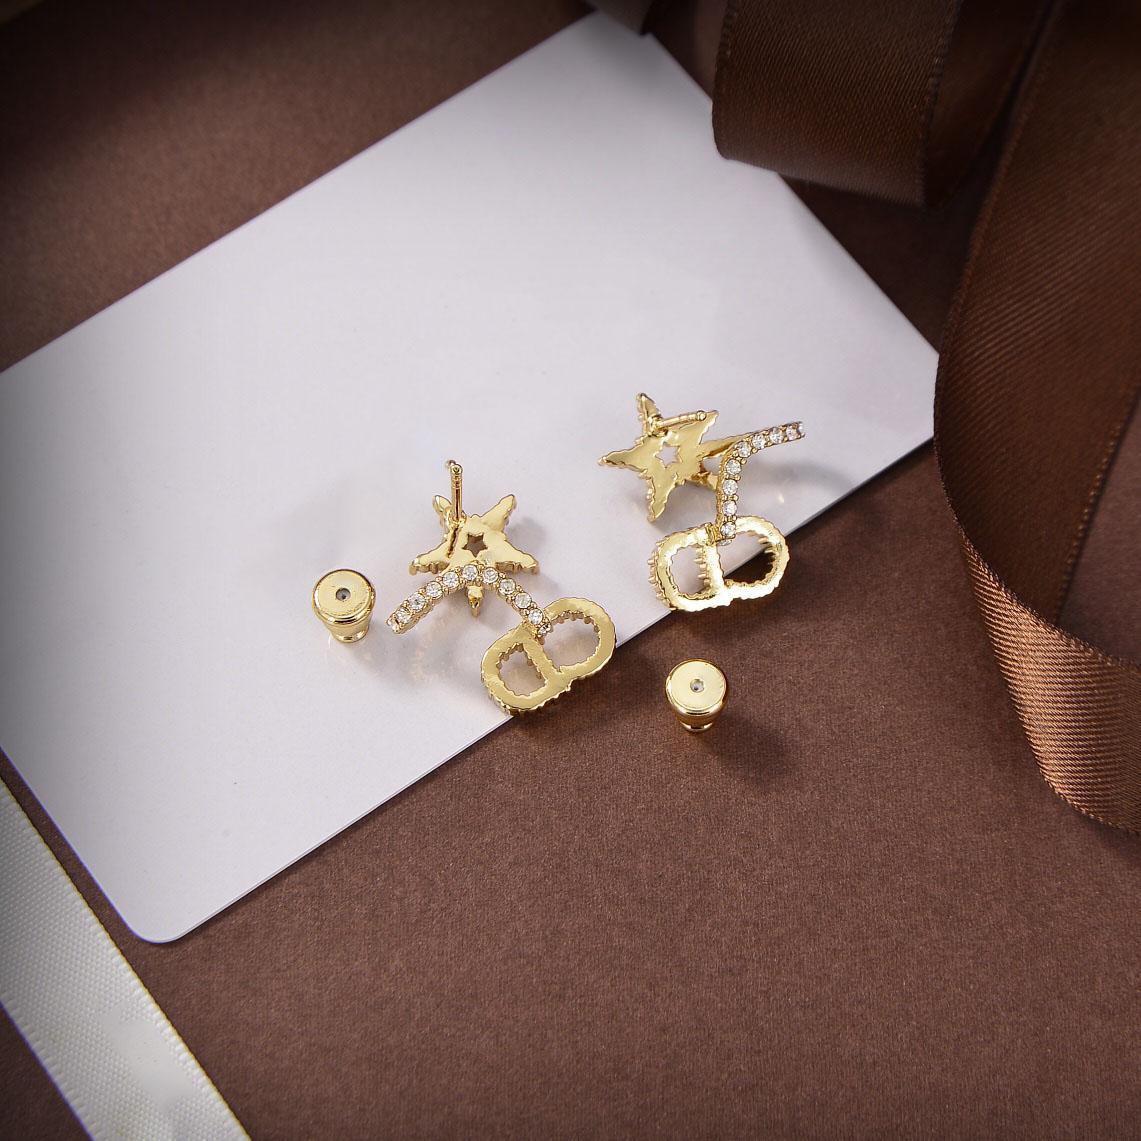 ستار قلادة سحر الاسترليني الفضة مطلي مع 14K الذهب الماس مطلي يجب أن يكون هناك المواعدة والمهرجانات صديقة الهدية